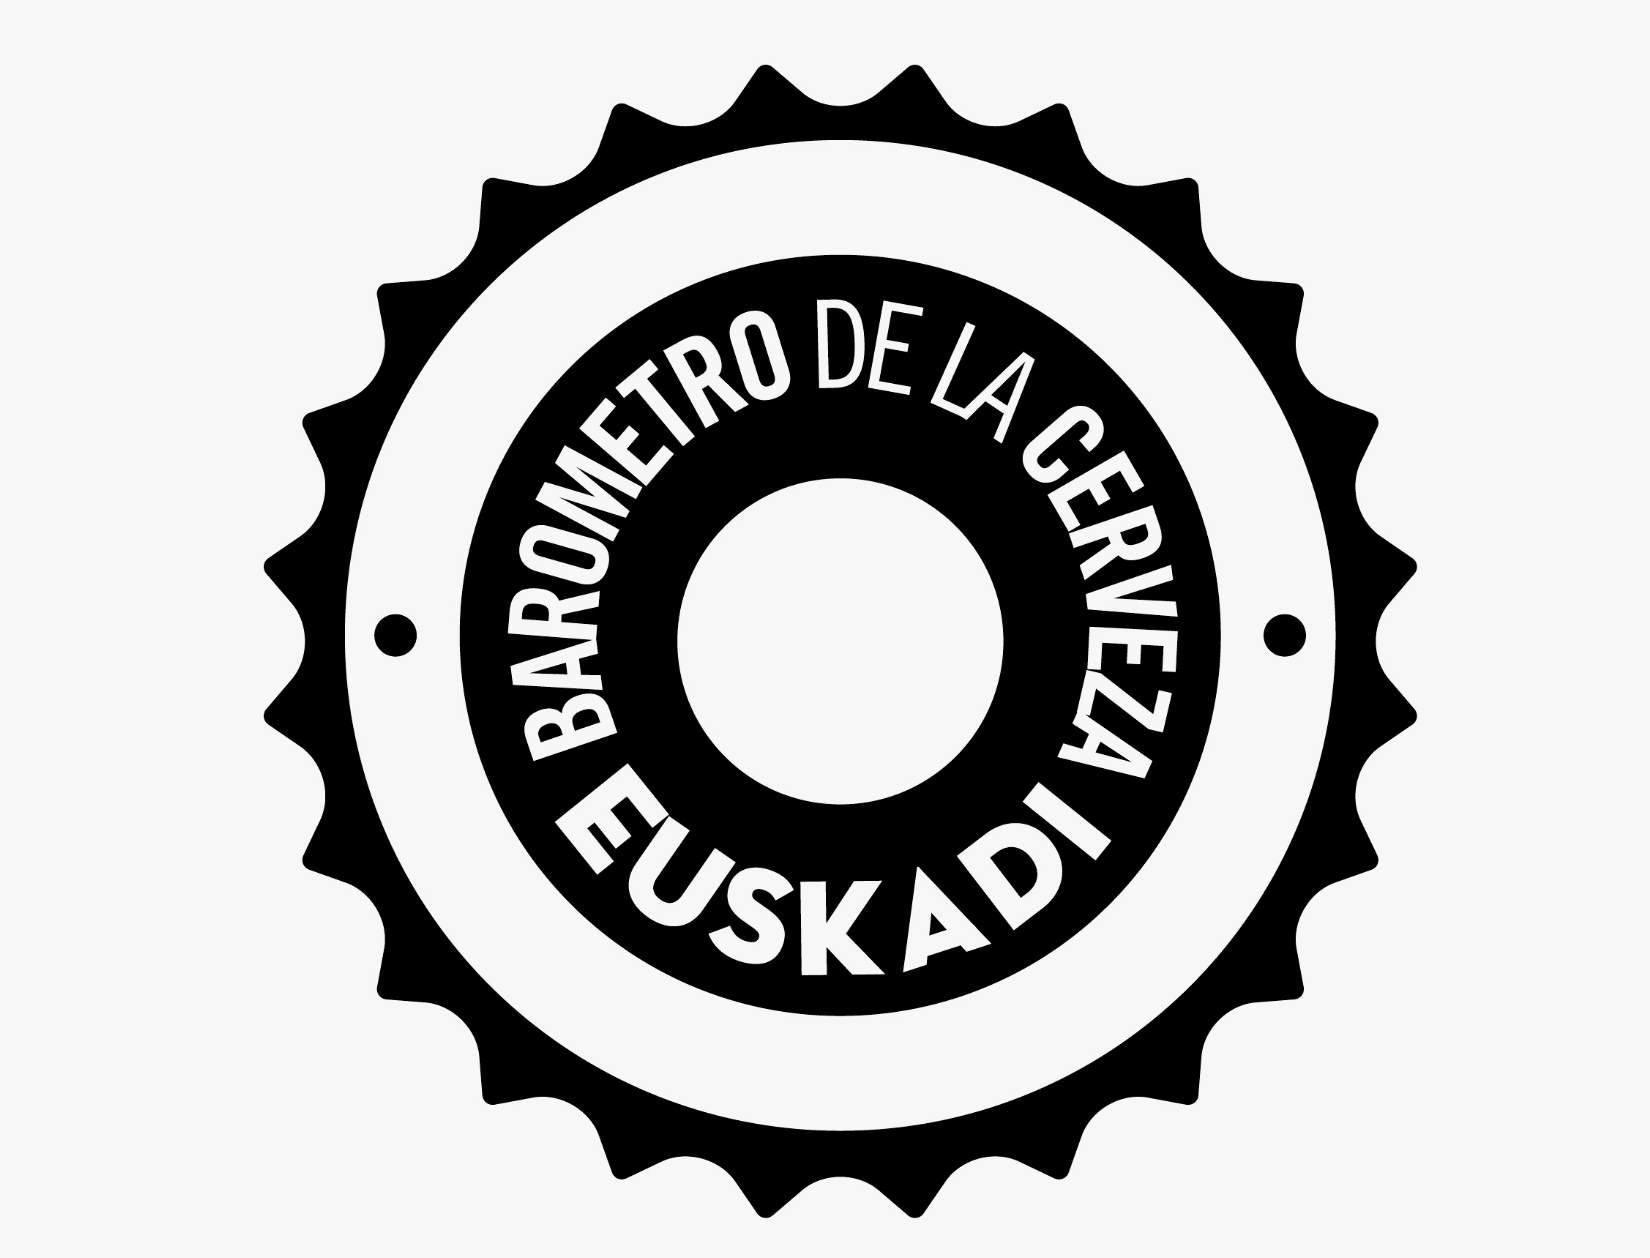 Barómetro de la cerveza - La Salve Bilbao